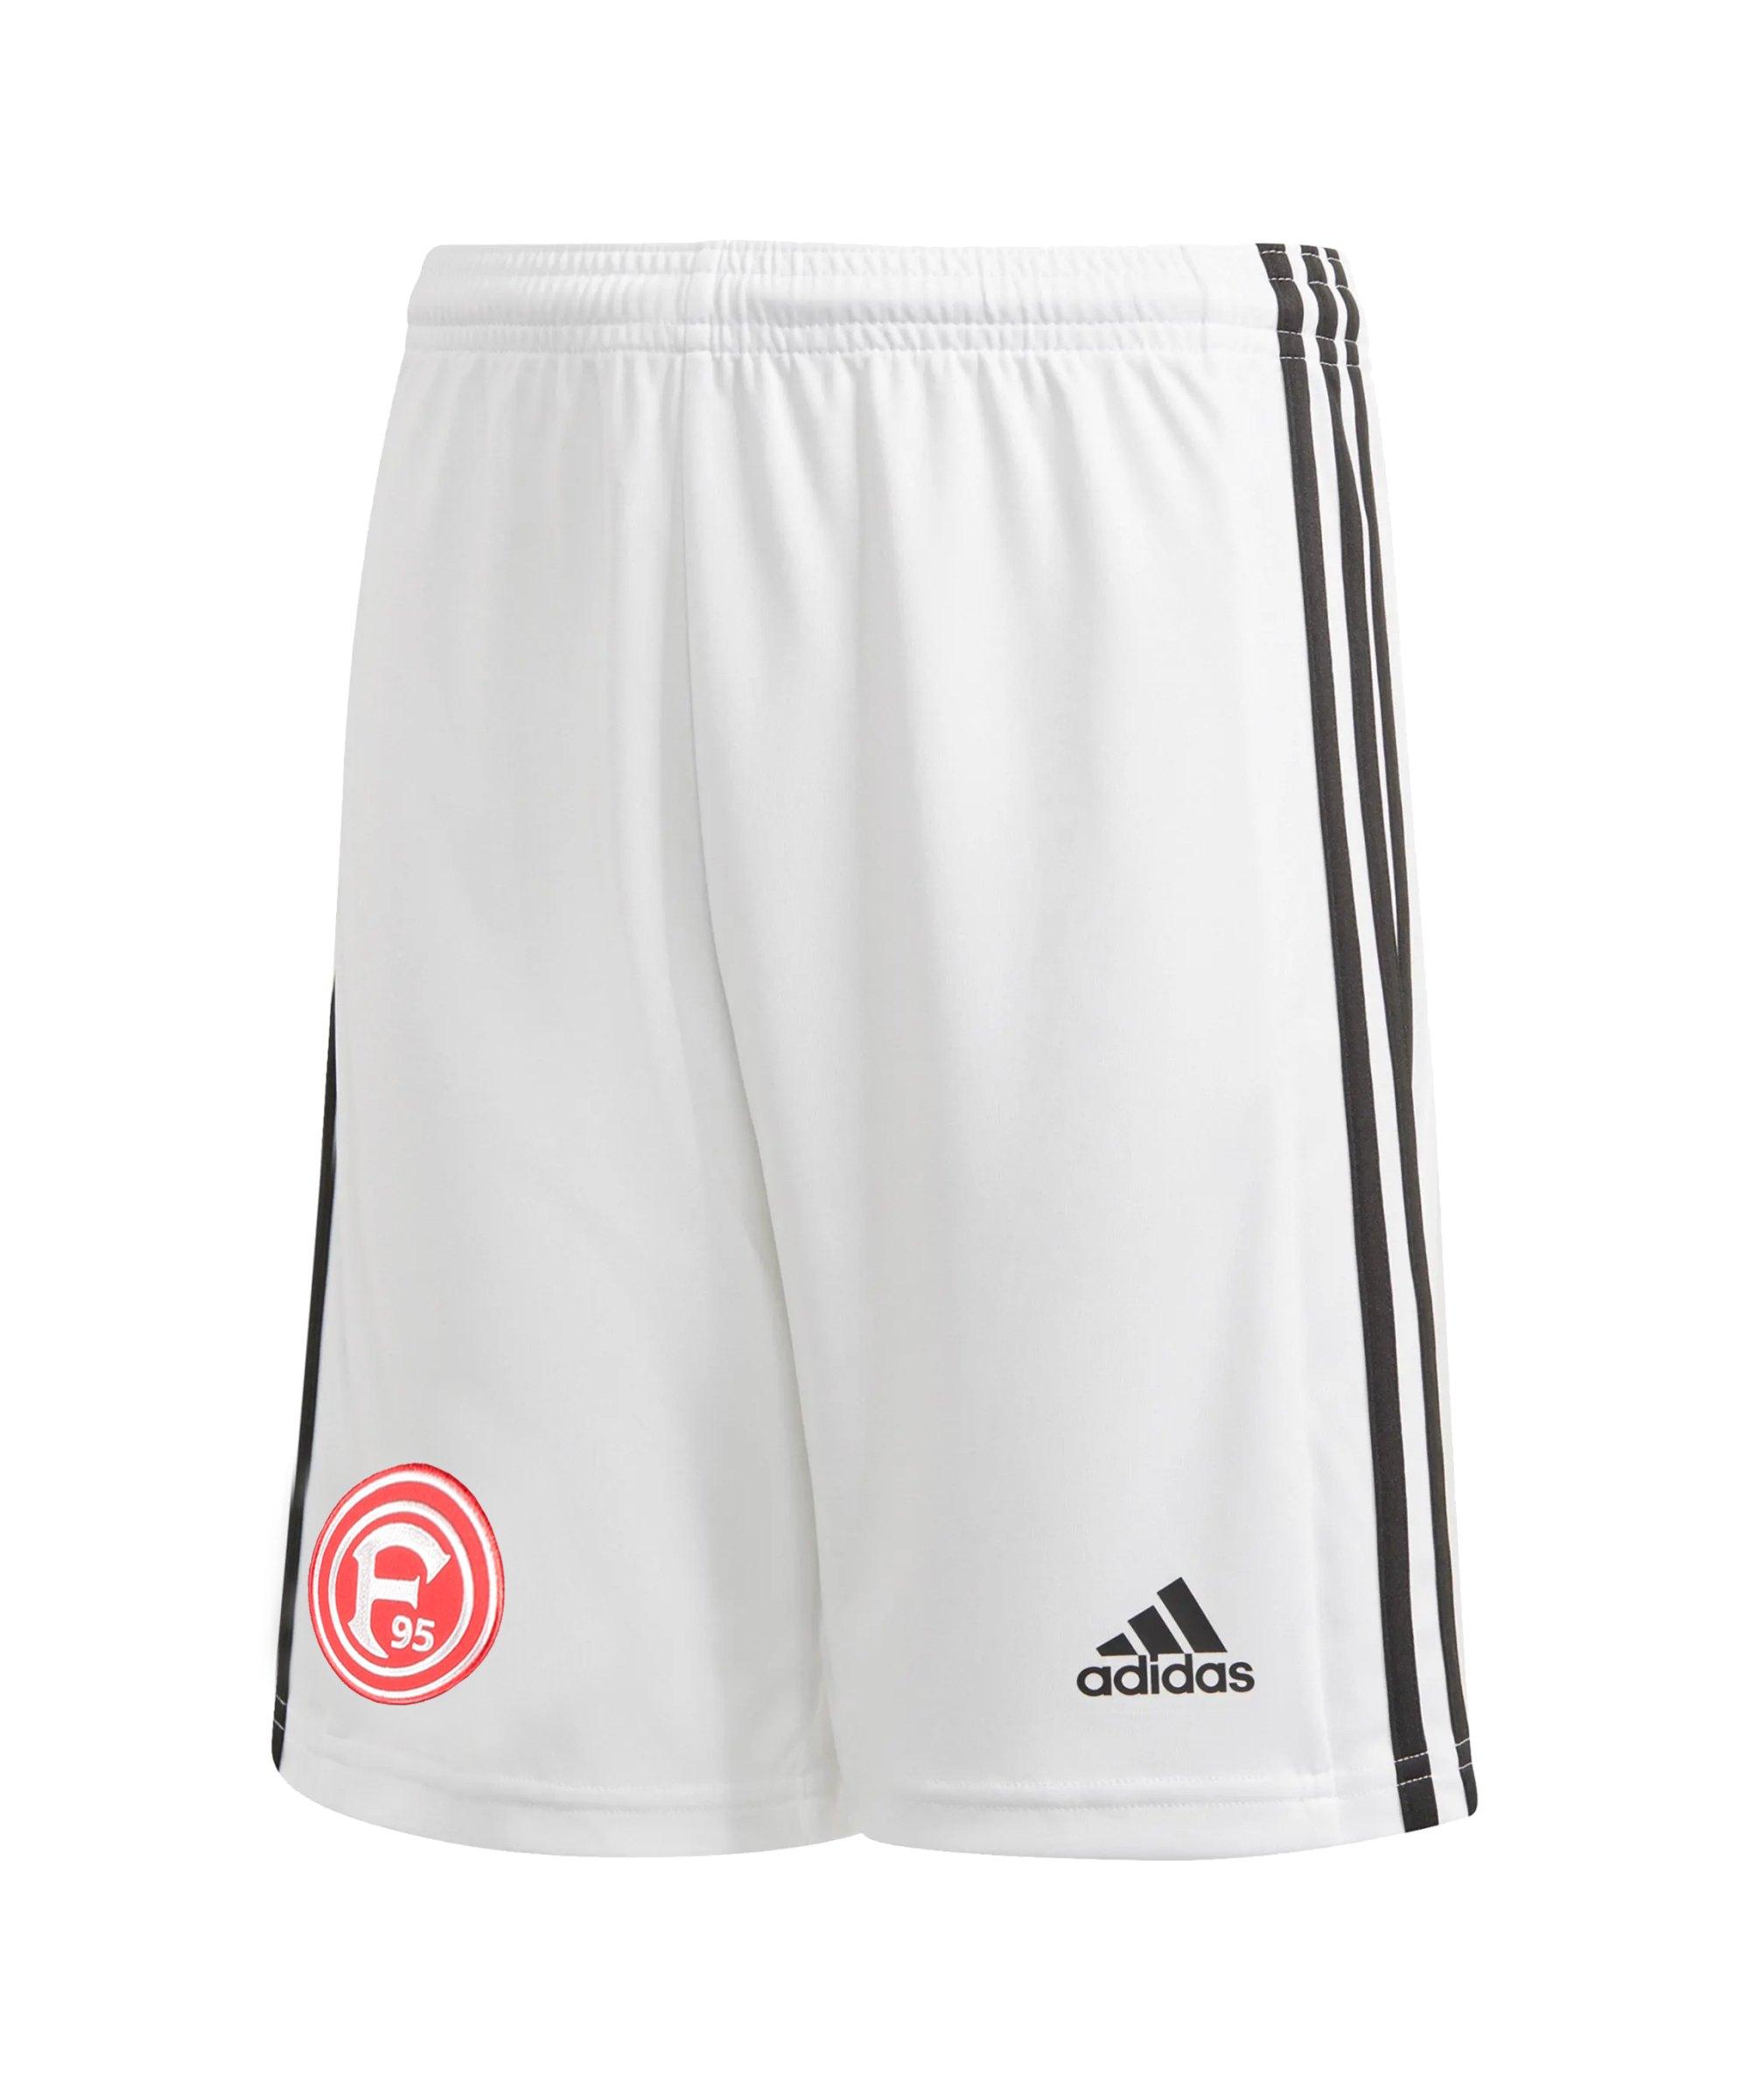 adidas Fortuna Düsseldorf Short Away 2021/2022 Kids Weiss - weiss